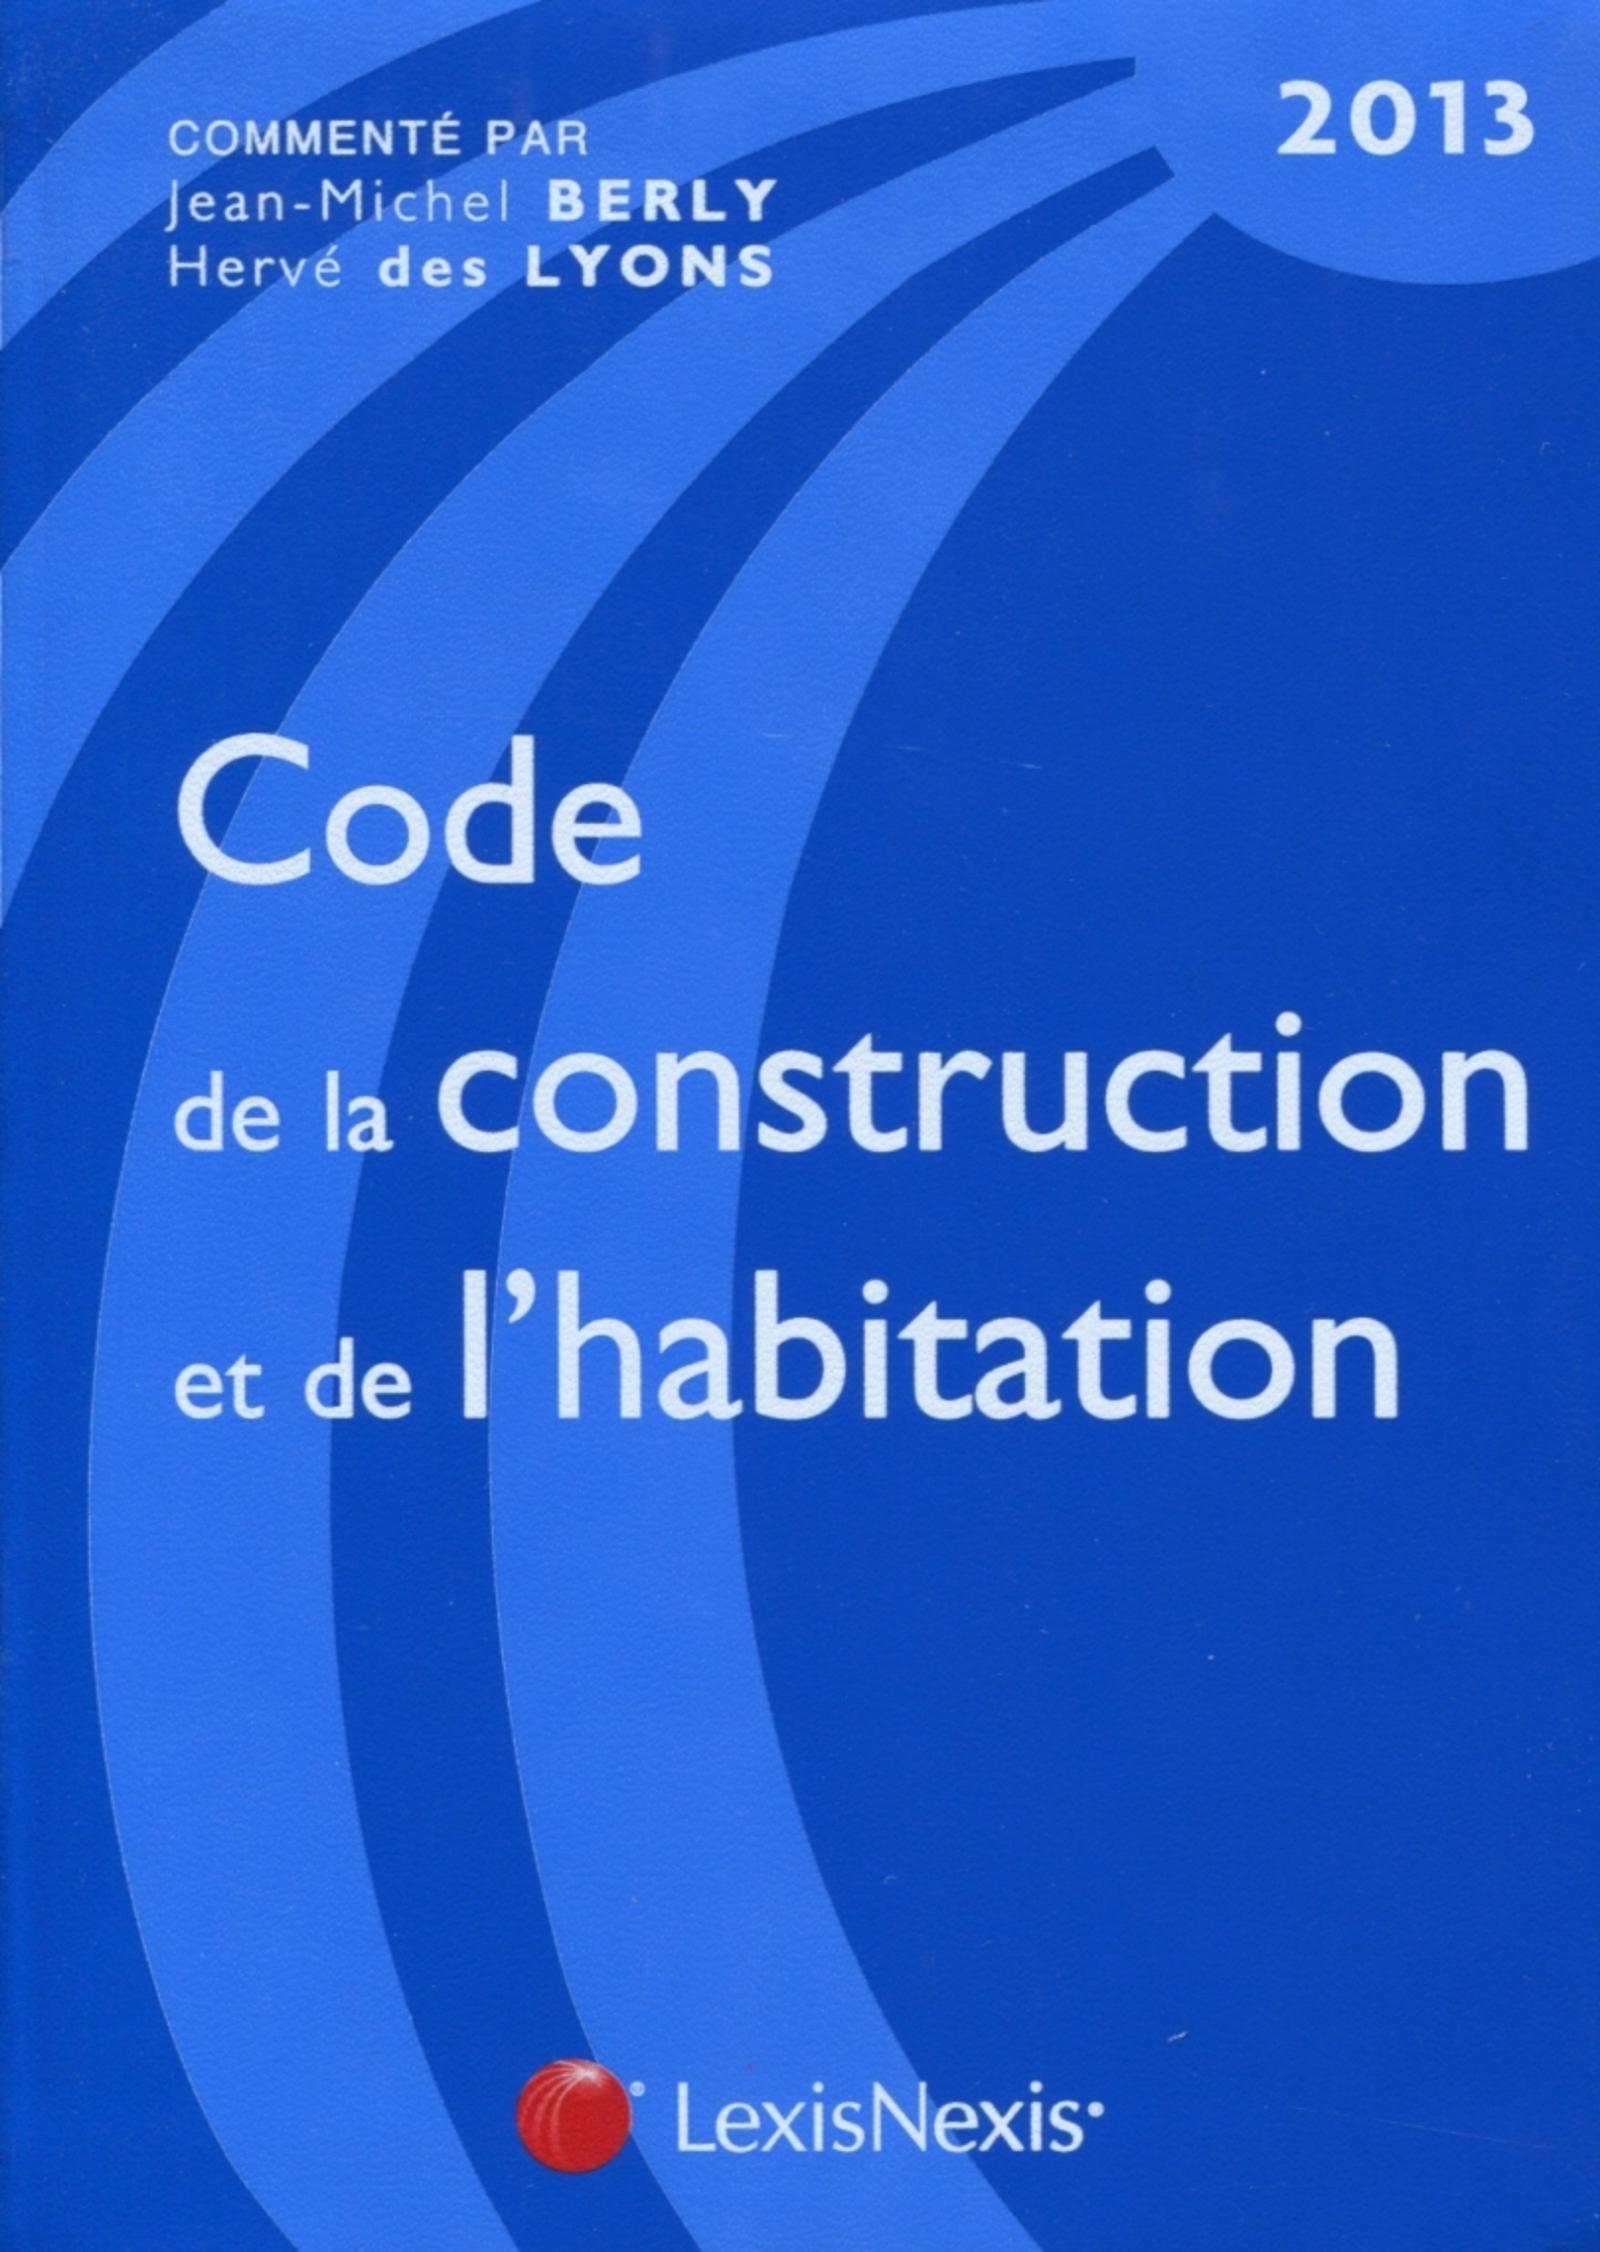 CODE DE LA CONSTRUCTION ET DE L'HABITATION 2013